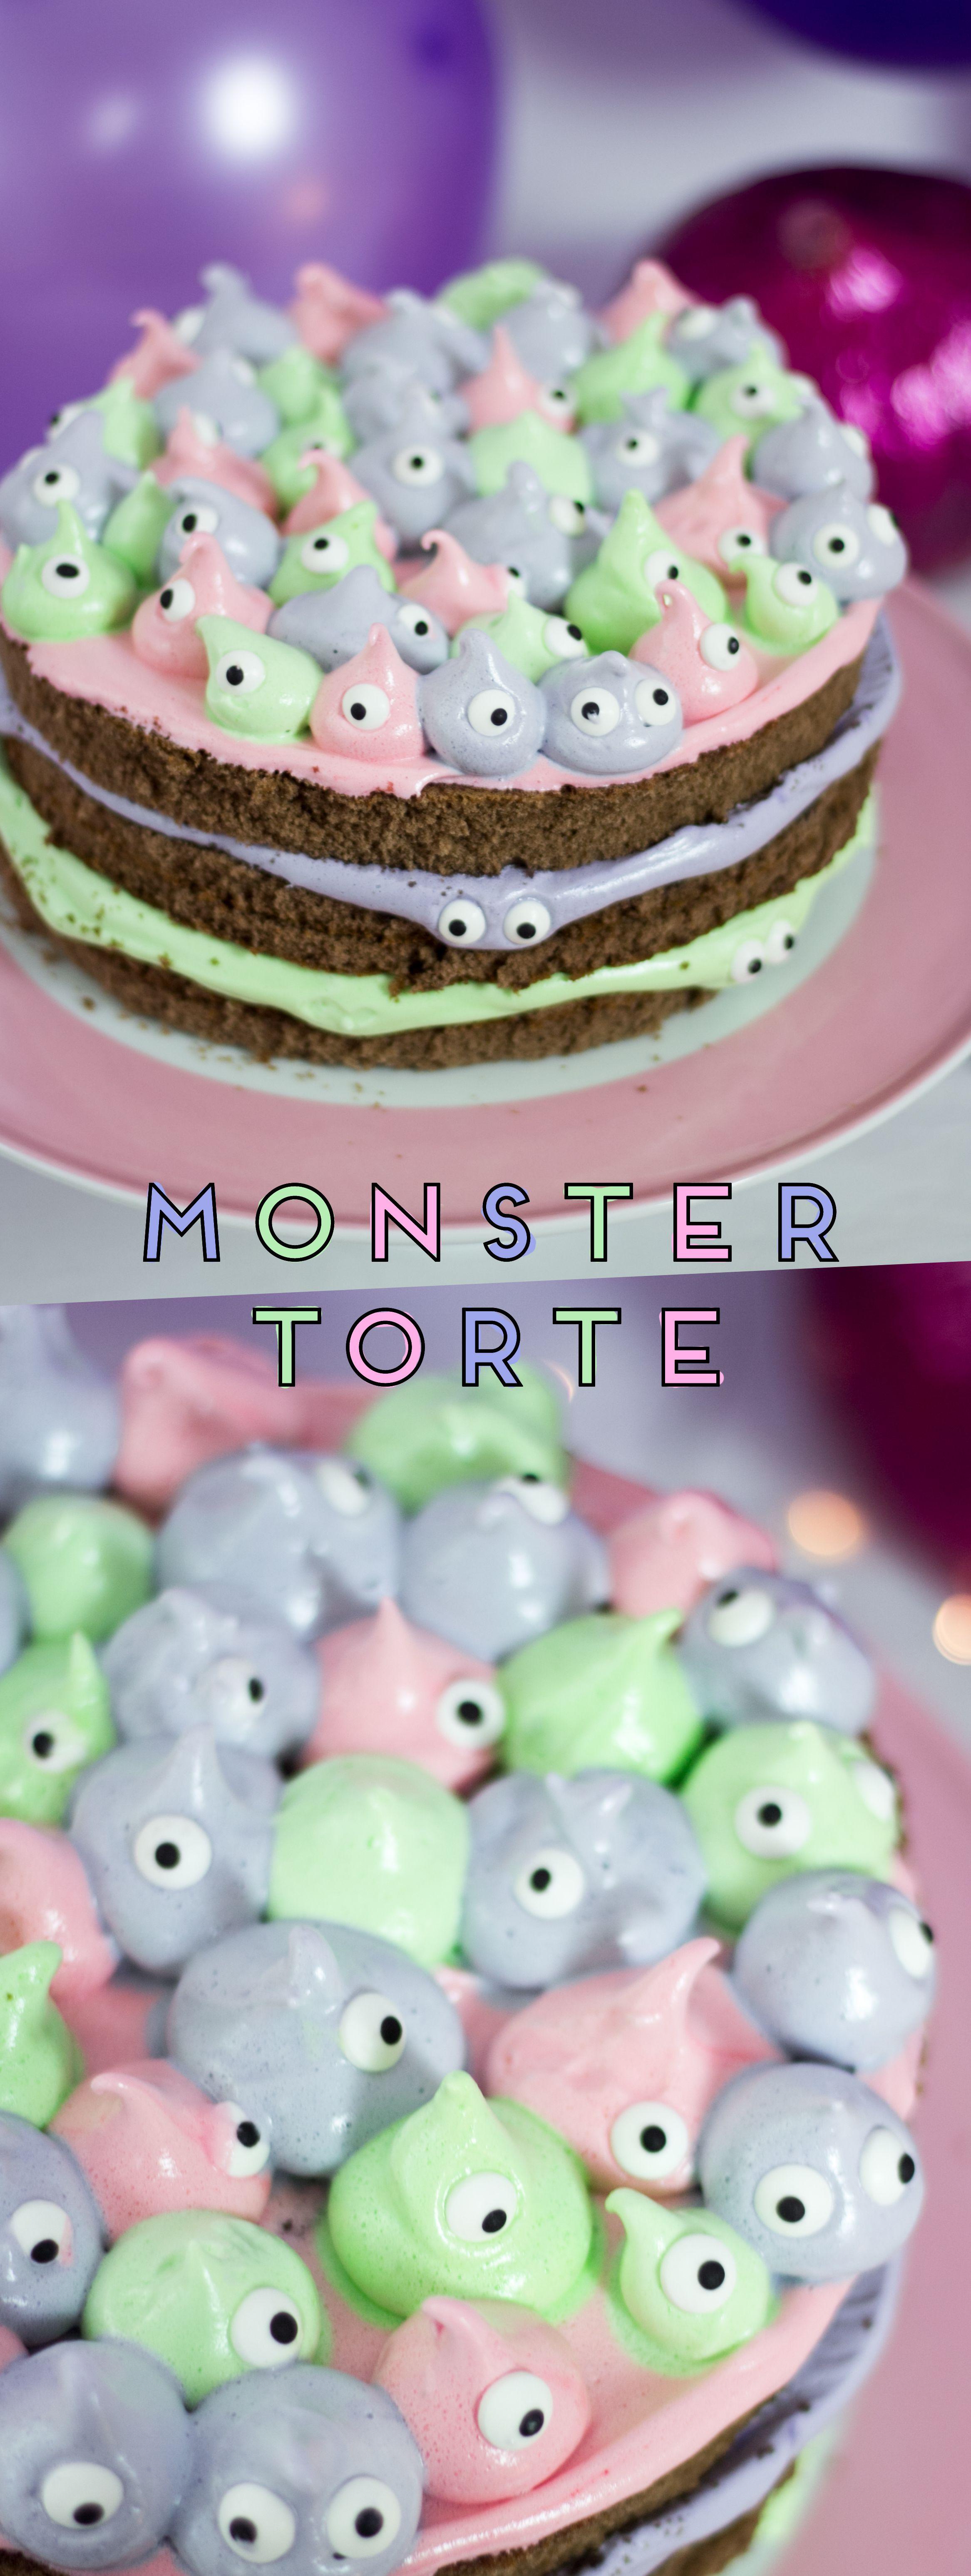 Rezept für eine Monstertorte mit Marshmallow-Frosting an Halloween, Geburtstagen oder Kinderfeiern #marshmallows